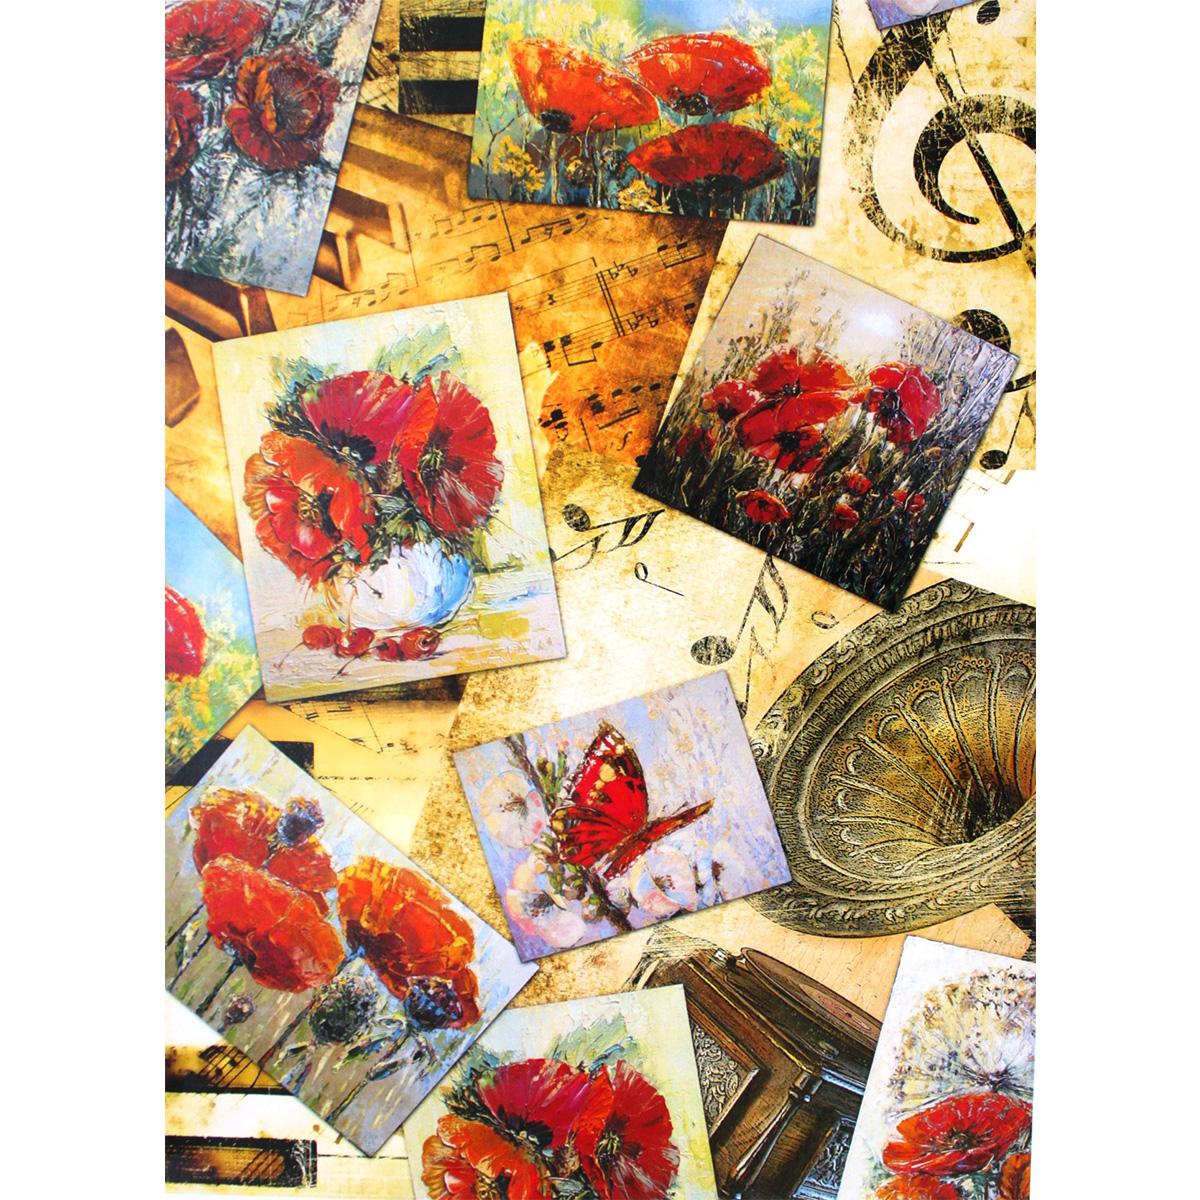 Декупажная карта Freedecor Открытки с маками, А4, 70 гр./м.кв. Dk 3085685686_3085открыткисмакамиДекупажная карта - оригинальная специальная бумага с нанесенным рисунком для использования в технике декупажа. Интересные мотивы, изображенные на бумаге, сделают процесс рукоделия занятным.